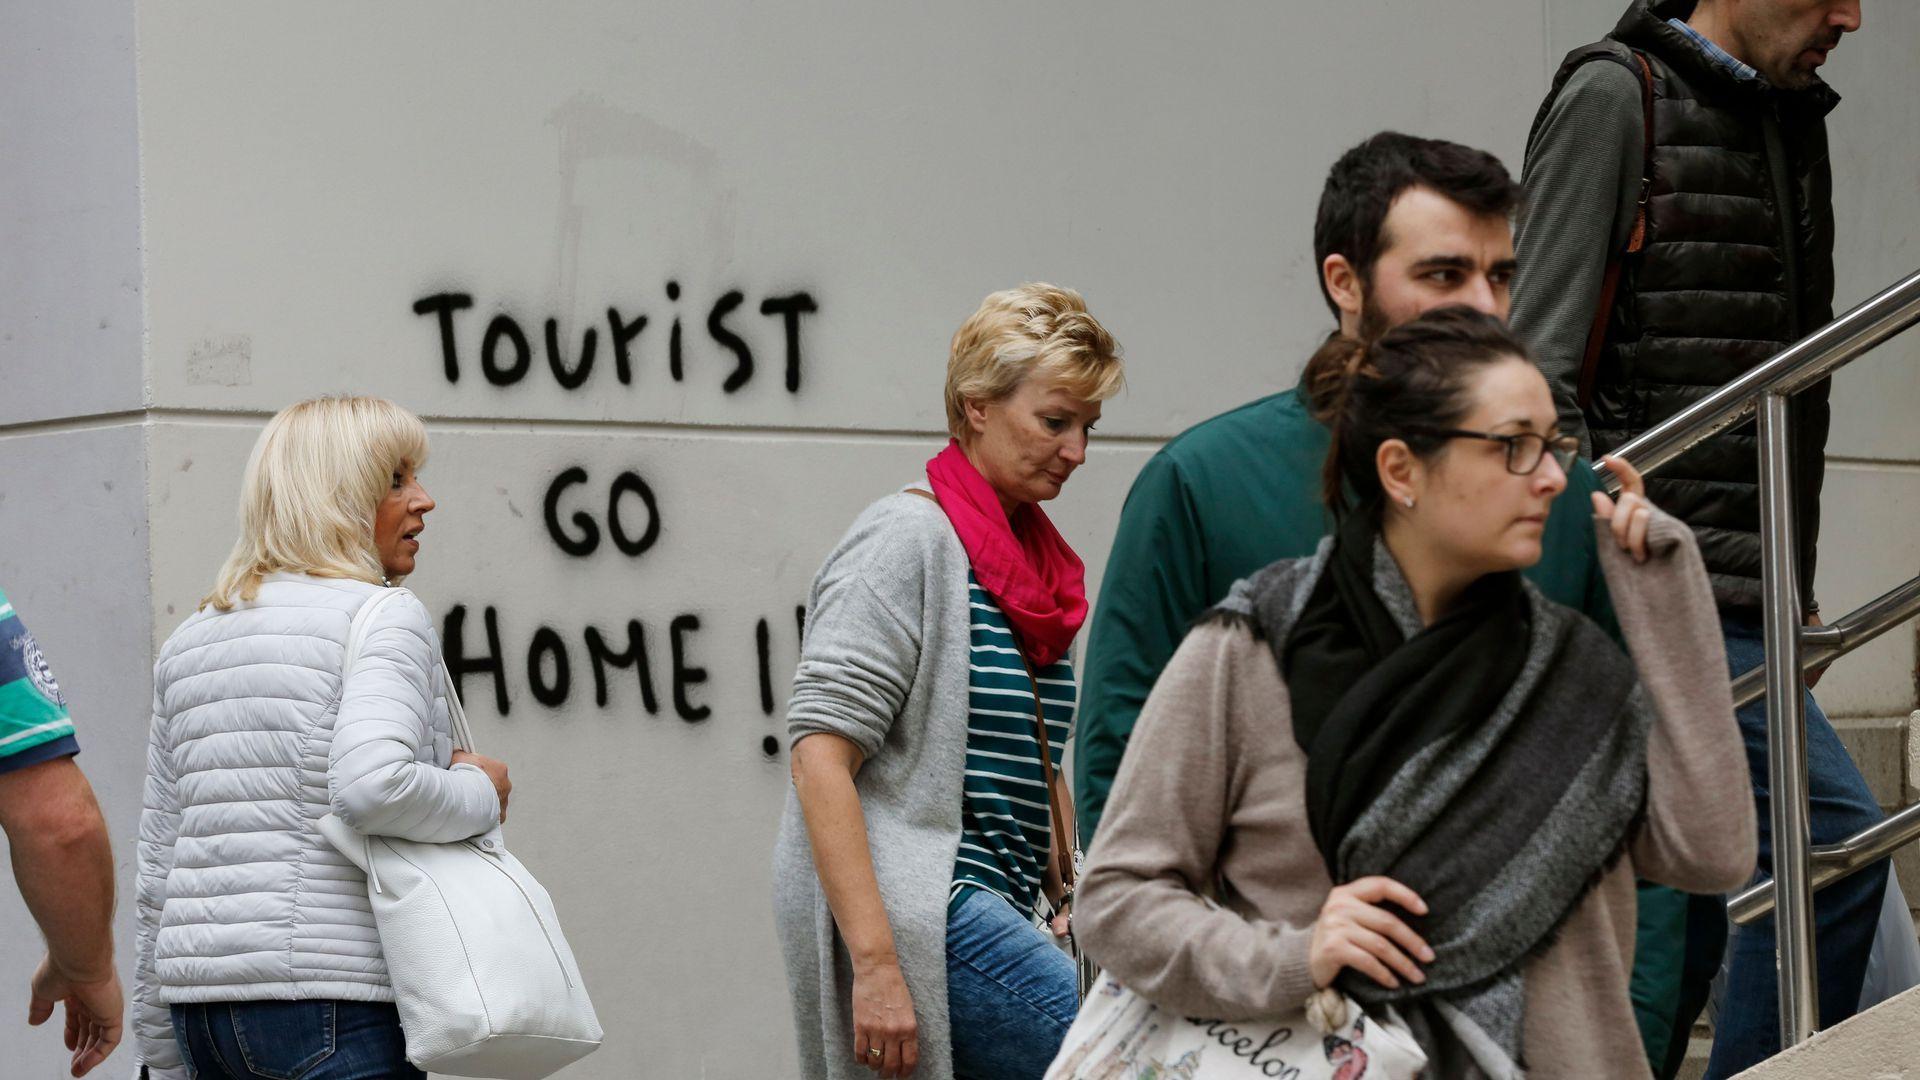 """Graffiti that says """"Tourist go home"""""""